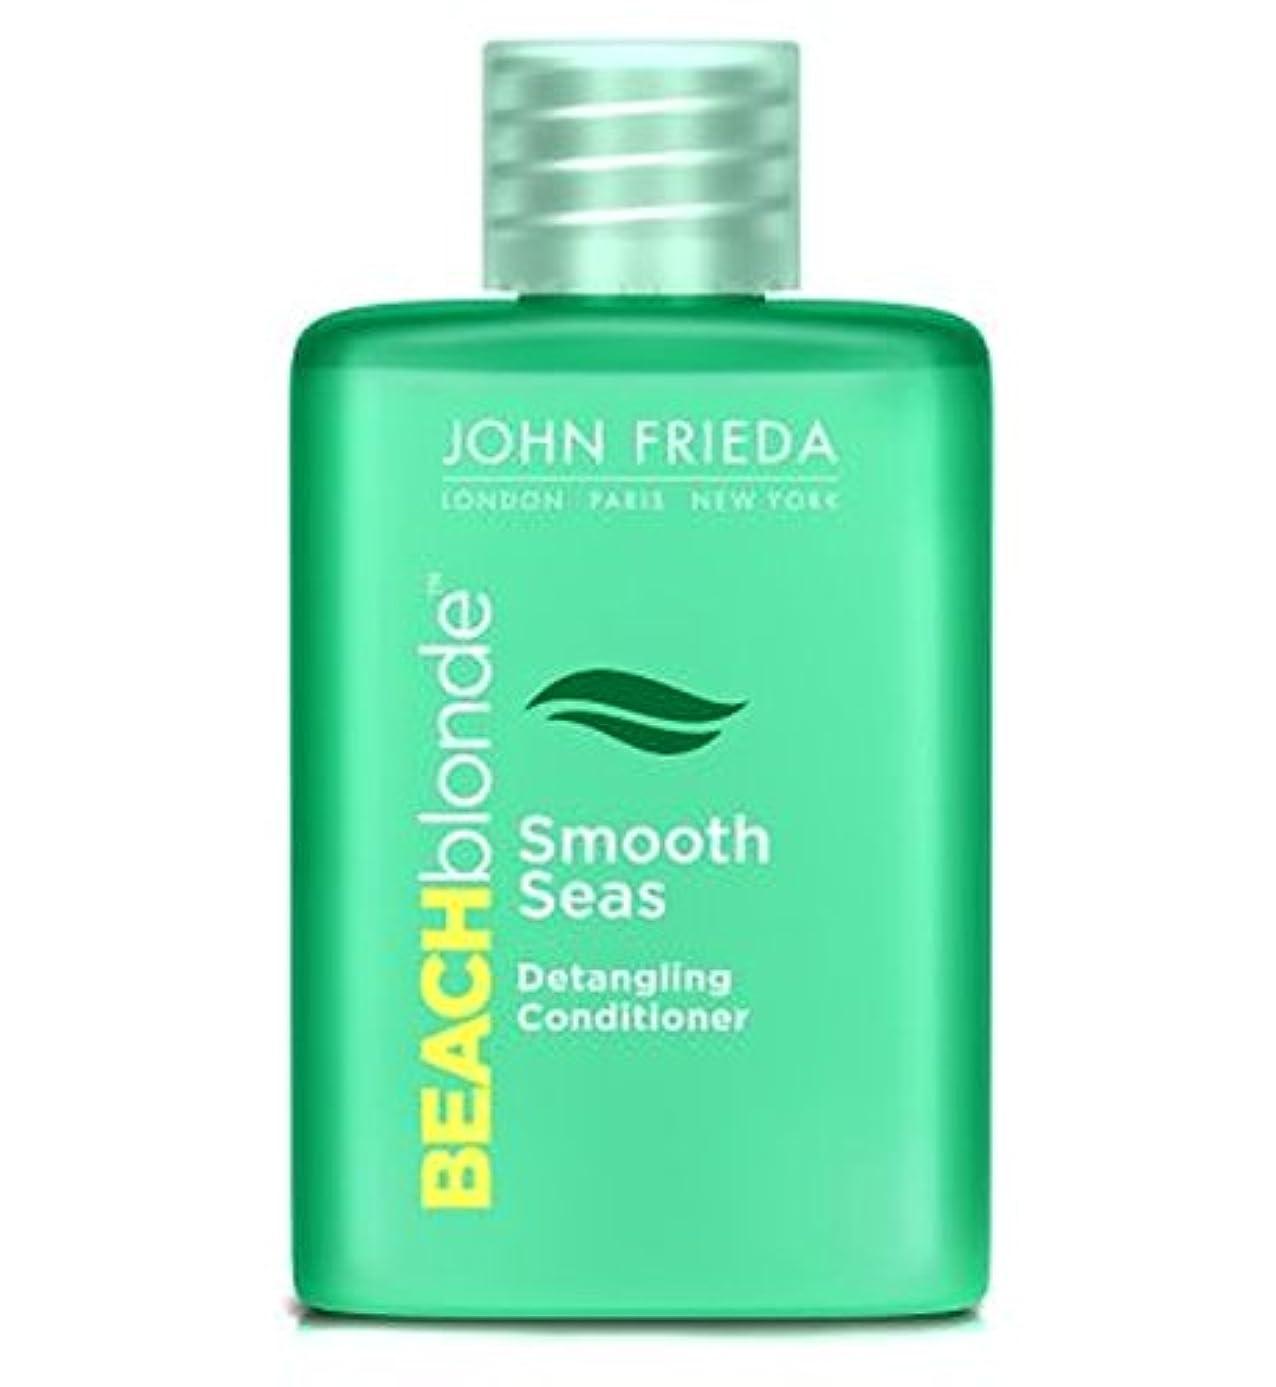 一晩蒸留する財布John Frieda? Beach Blonde Smooth Seas Detangling Conditioner 50ml - コンディショナー50ミリリットルをもつれ解除ジョンFrieda?ビーチブロンド滑らかな...